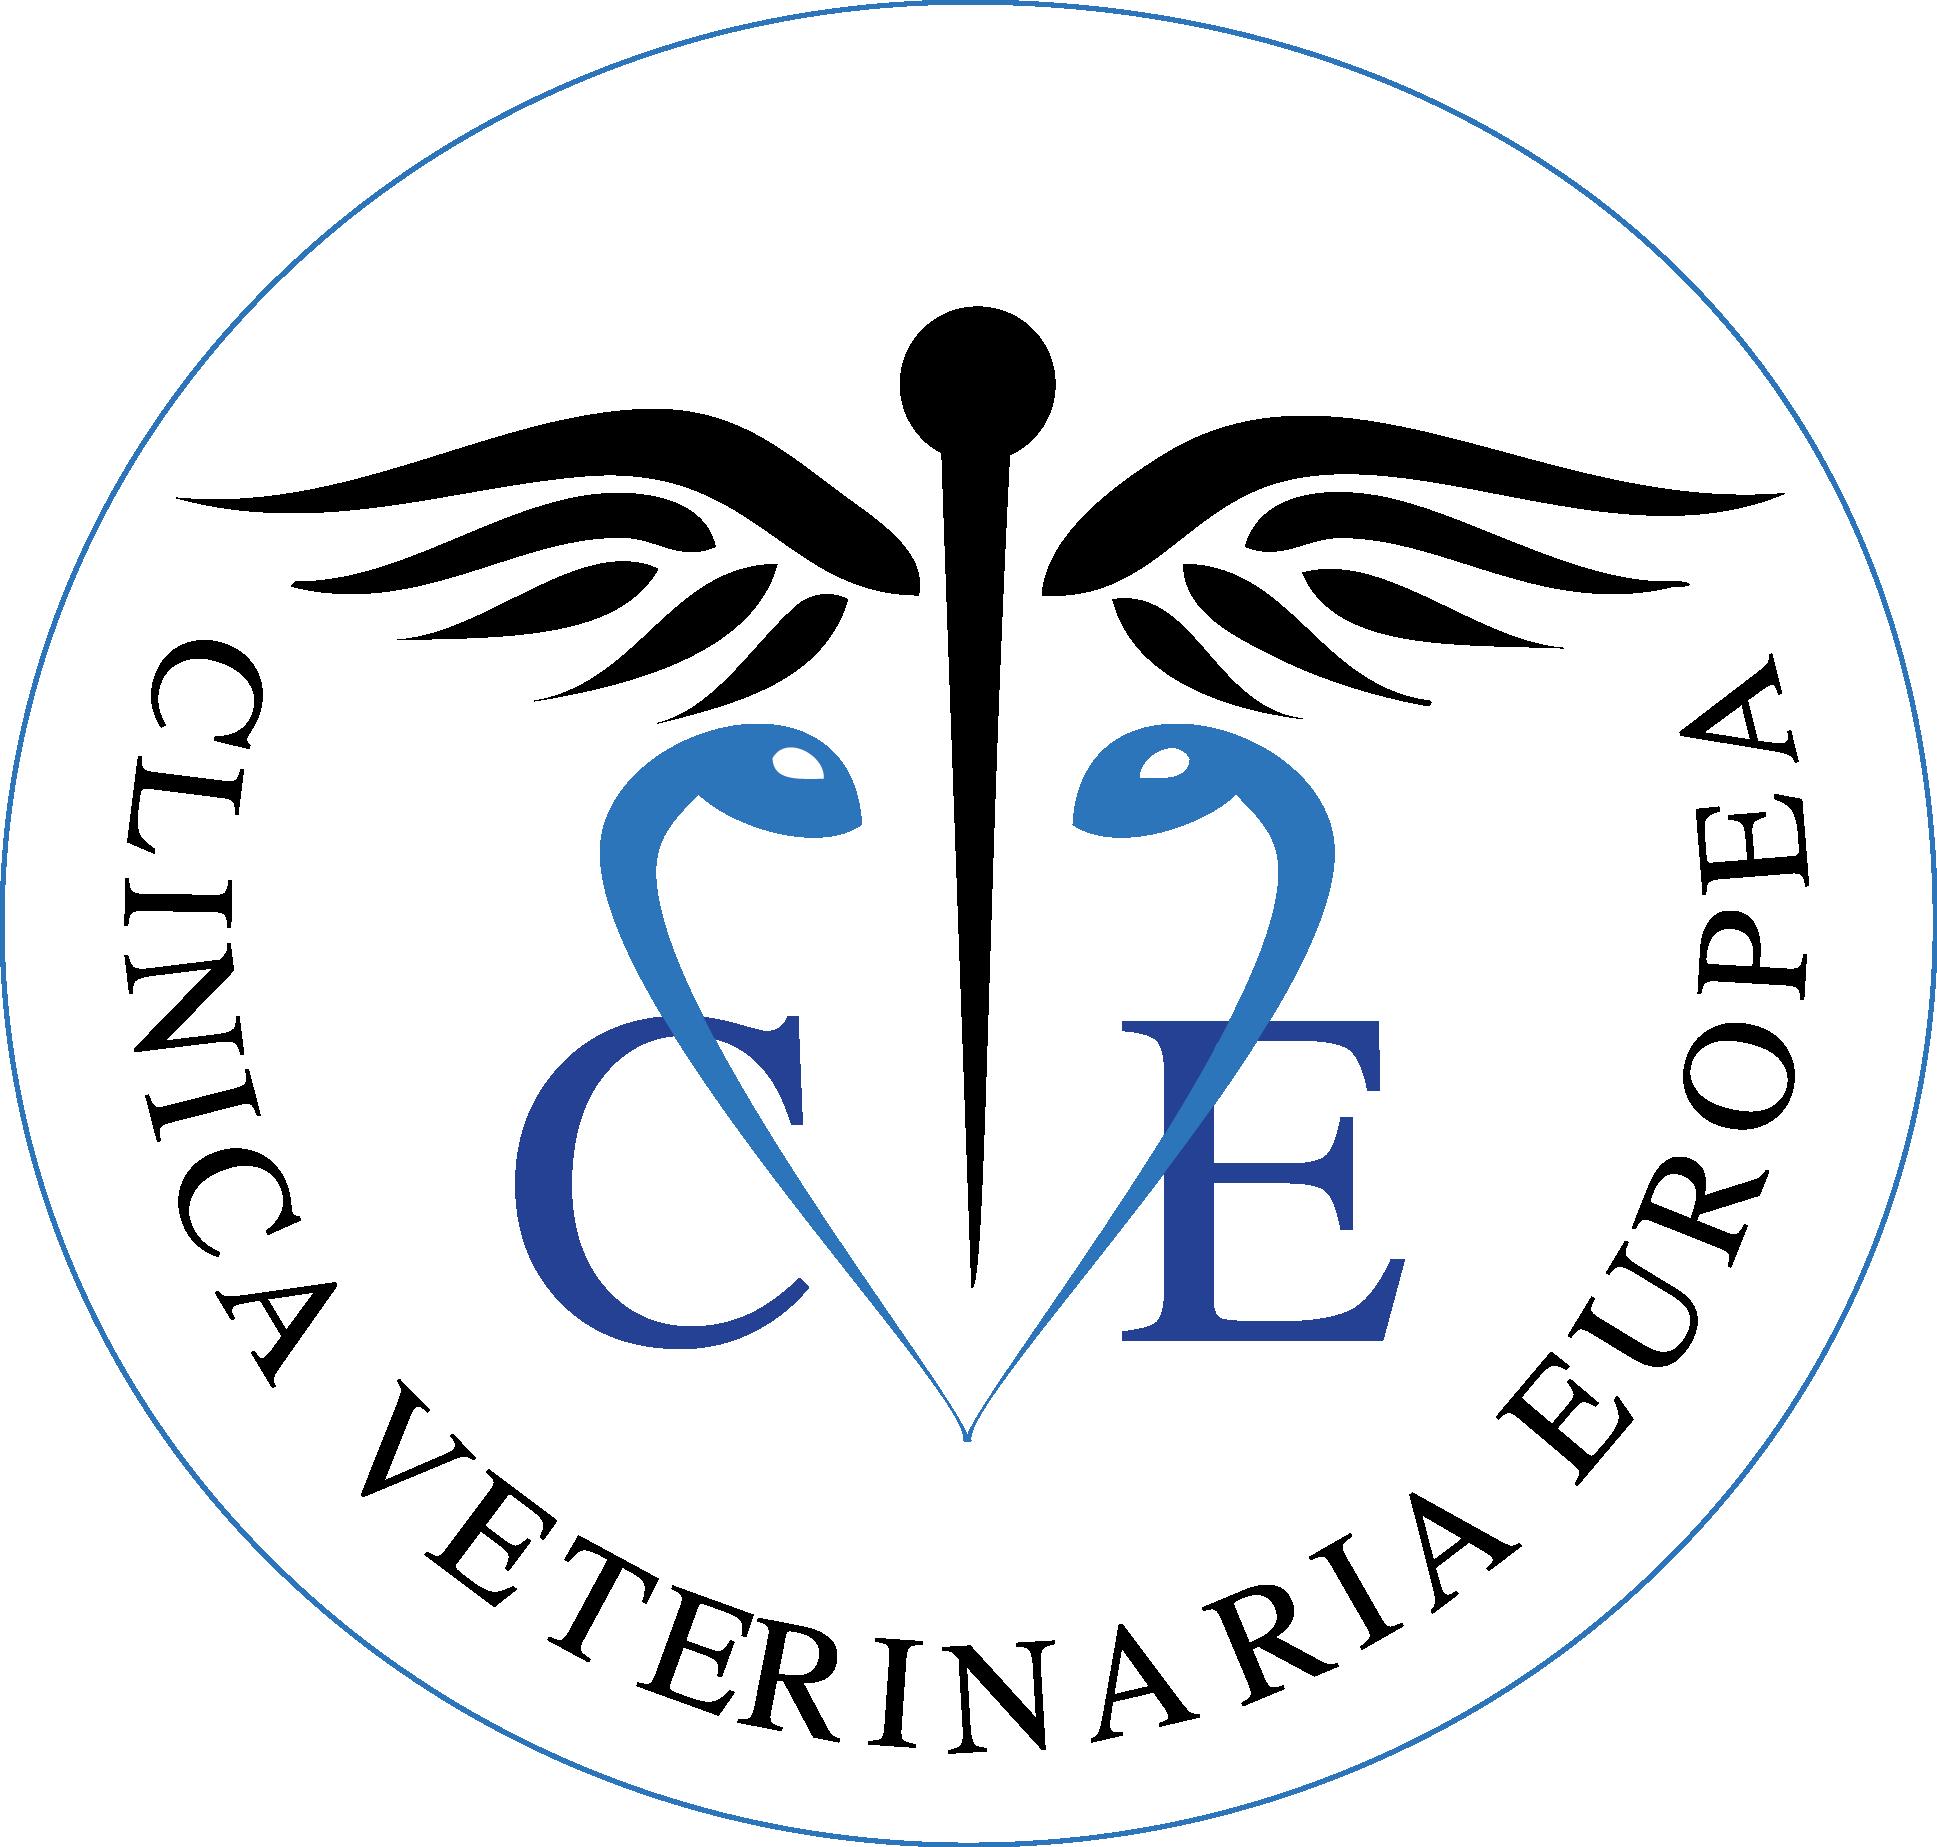 Clinica veterinaria europea